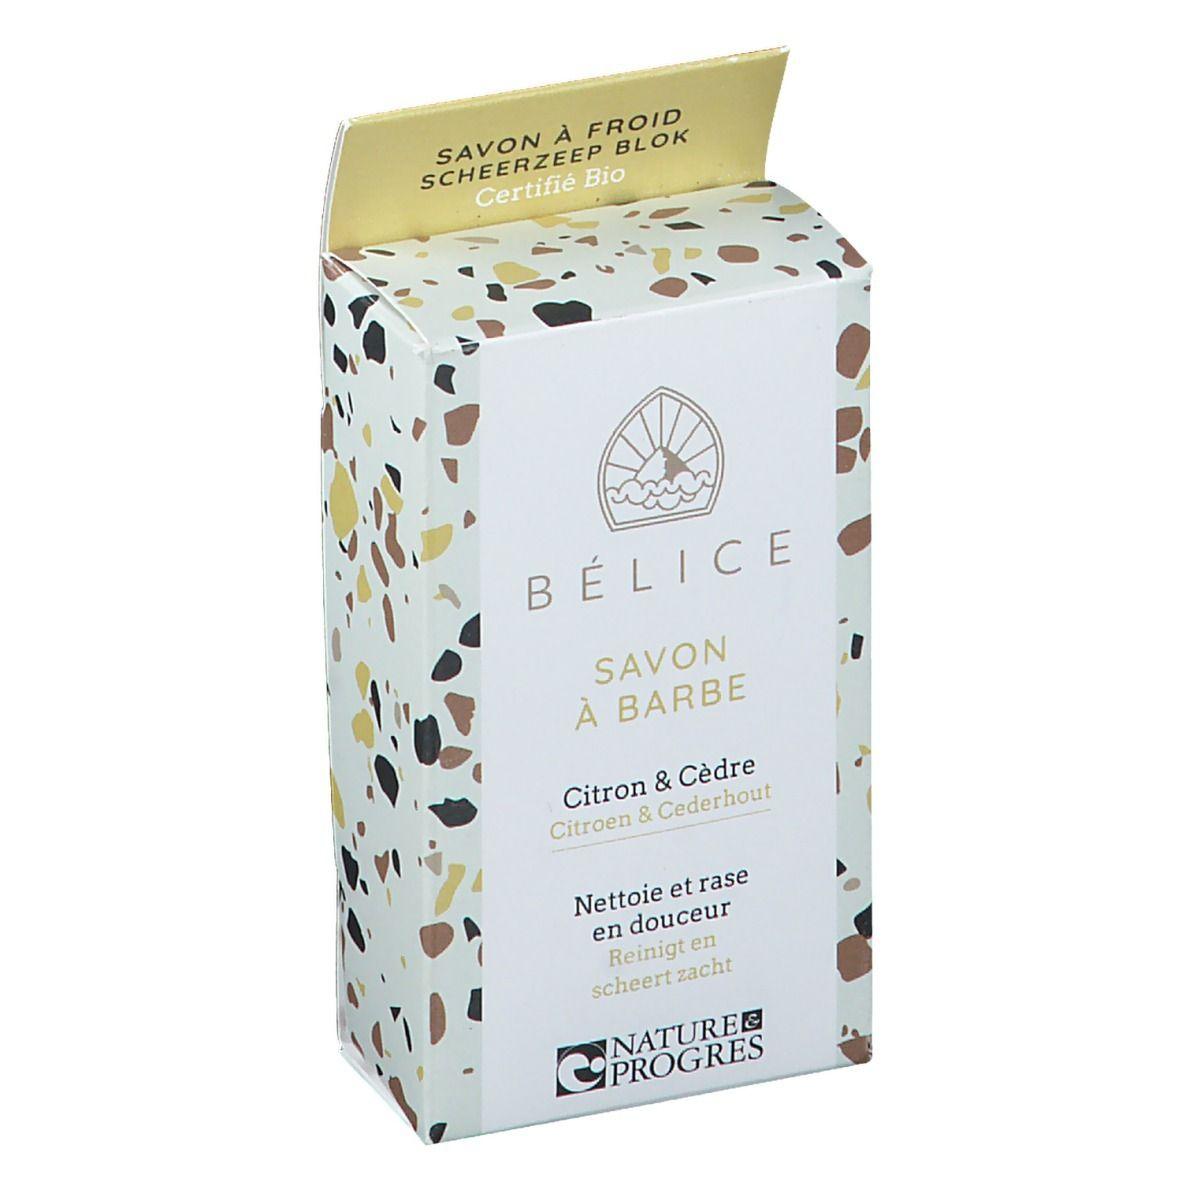 Bélice Savon à Barbe Savon à froid Citron & Cèdre Bio g savon